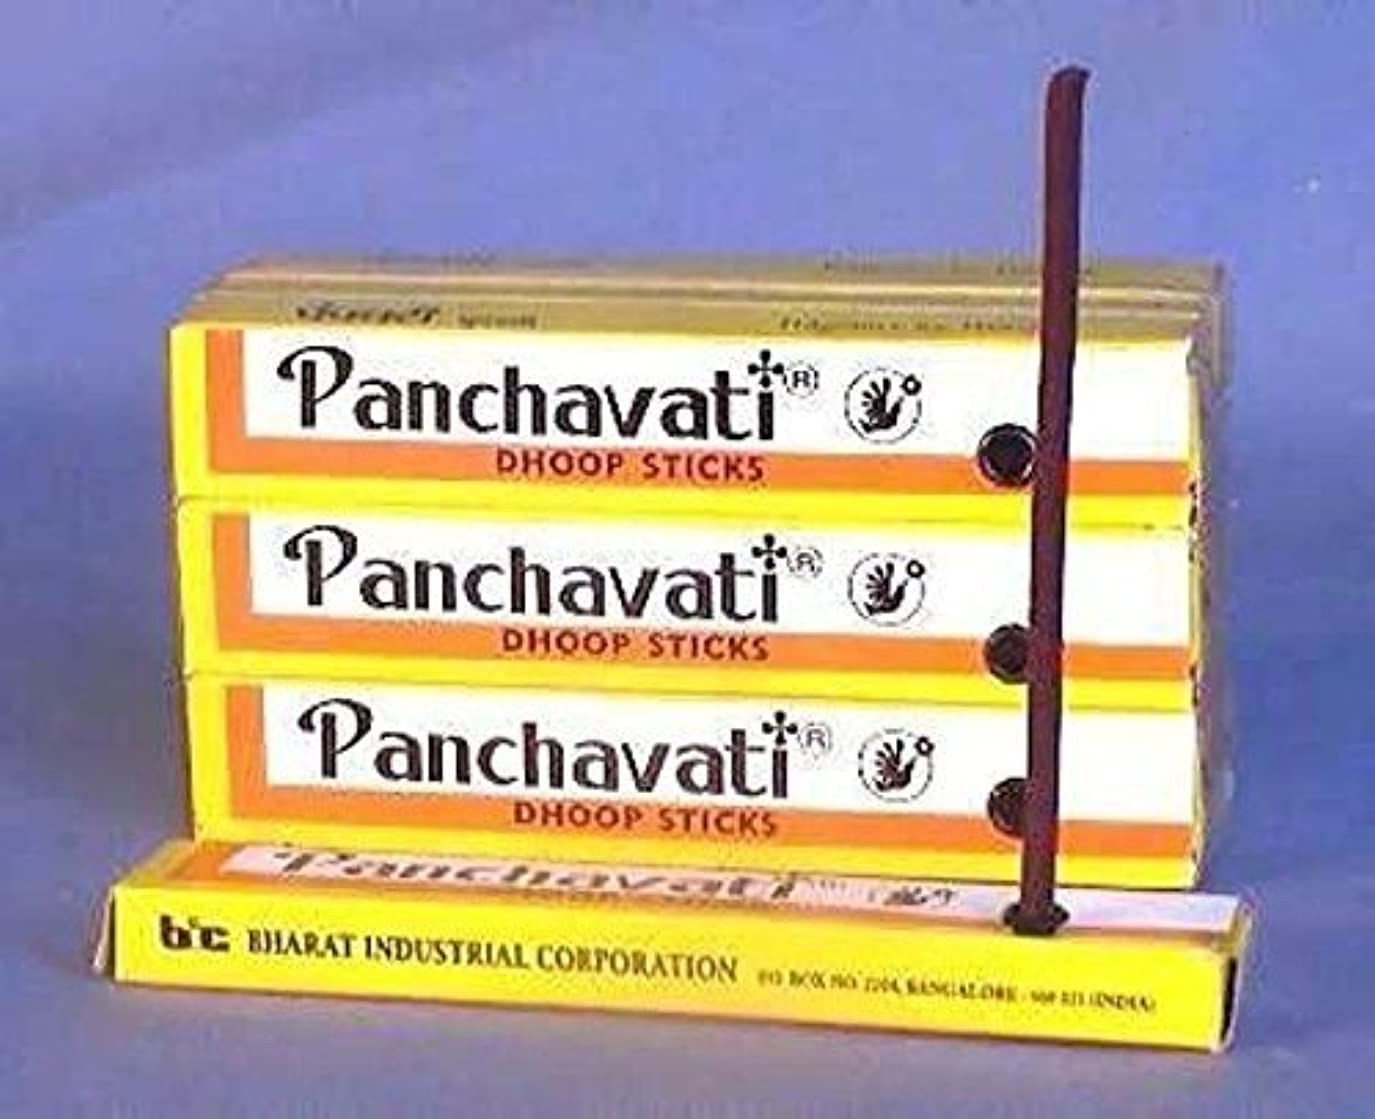 アトラスグラフ不完全Divine Panchavati Dhoop sticks-6パック+ 4個Fragrance円錐